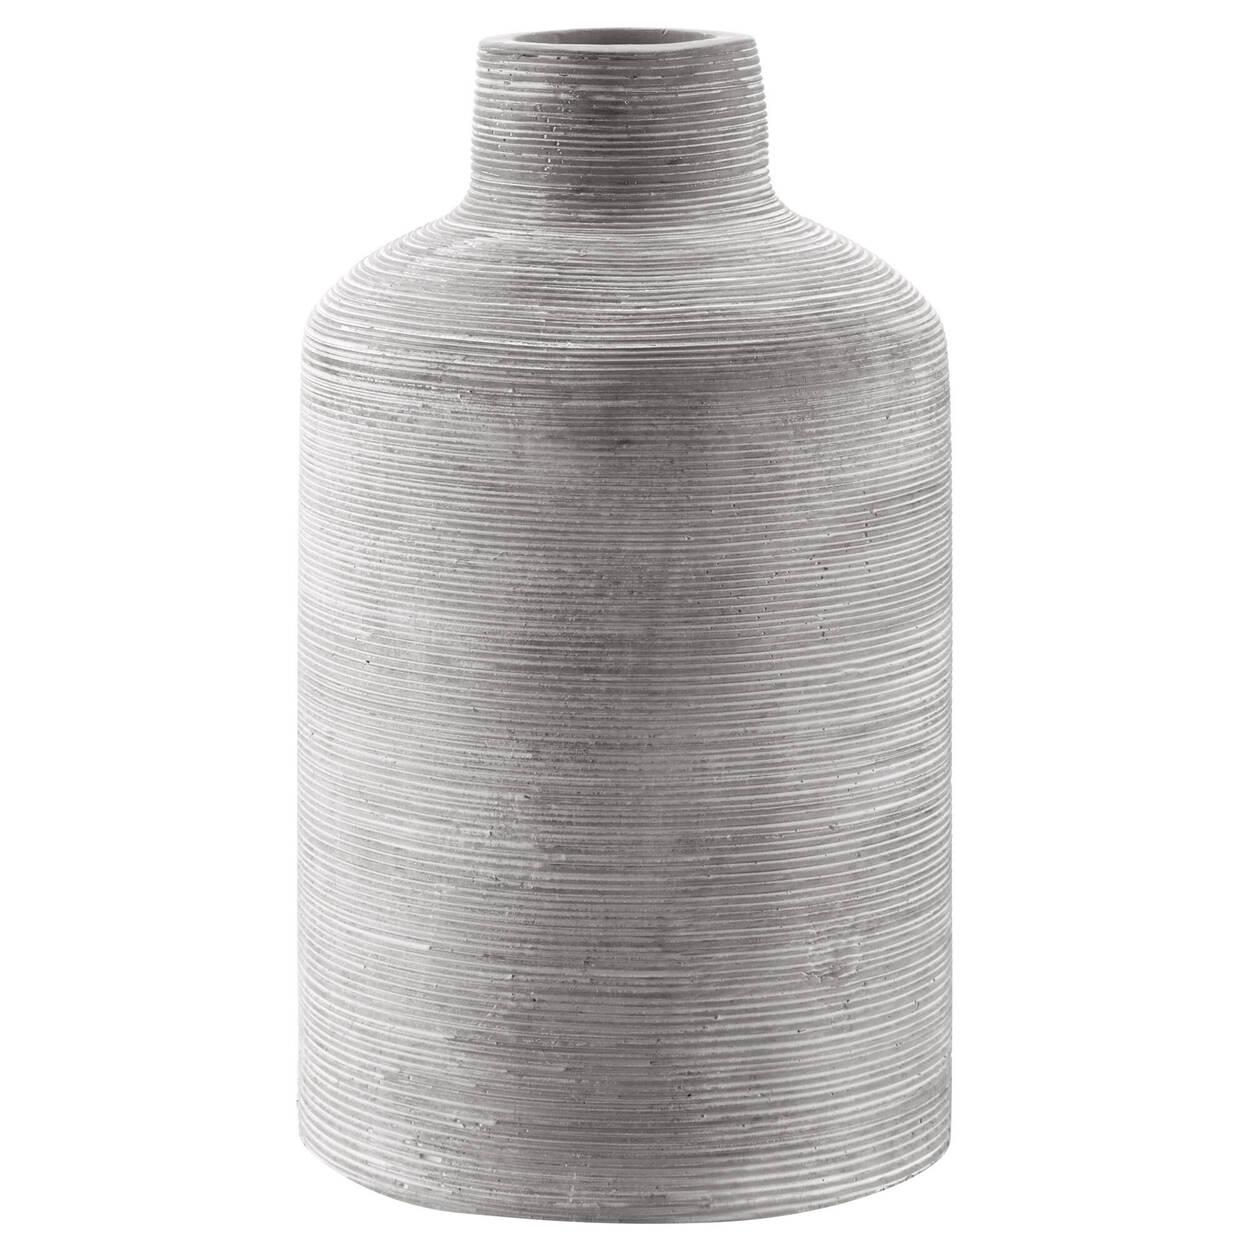 Vase de table en ciment semi-rayé